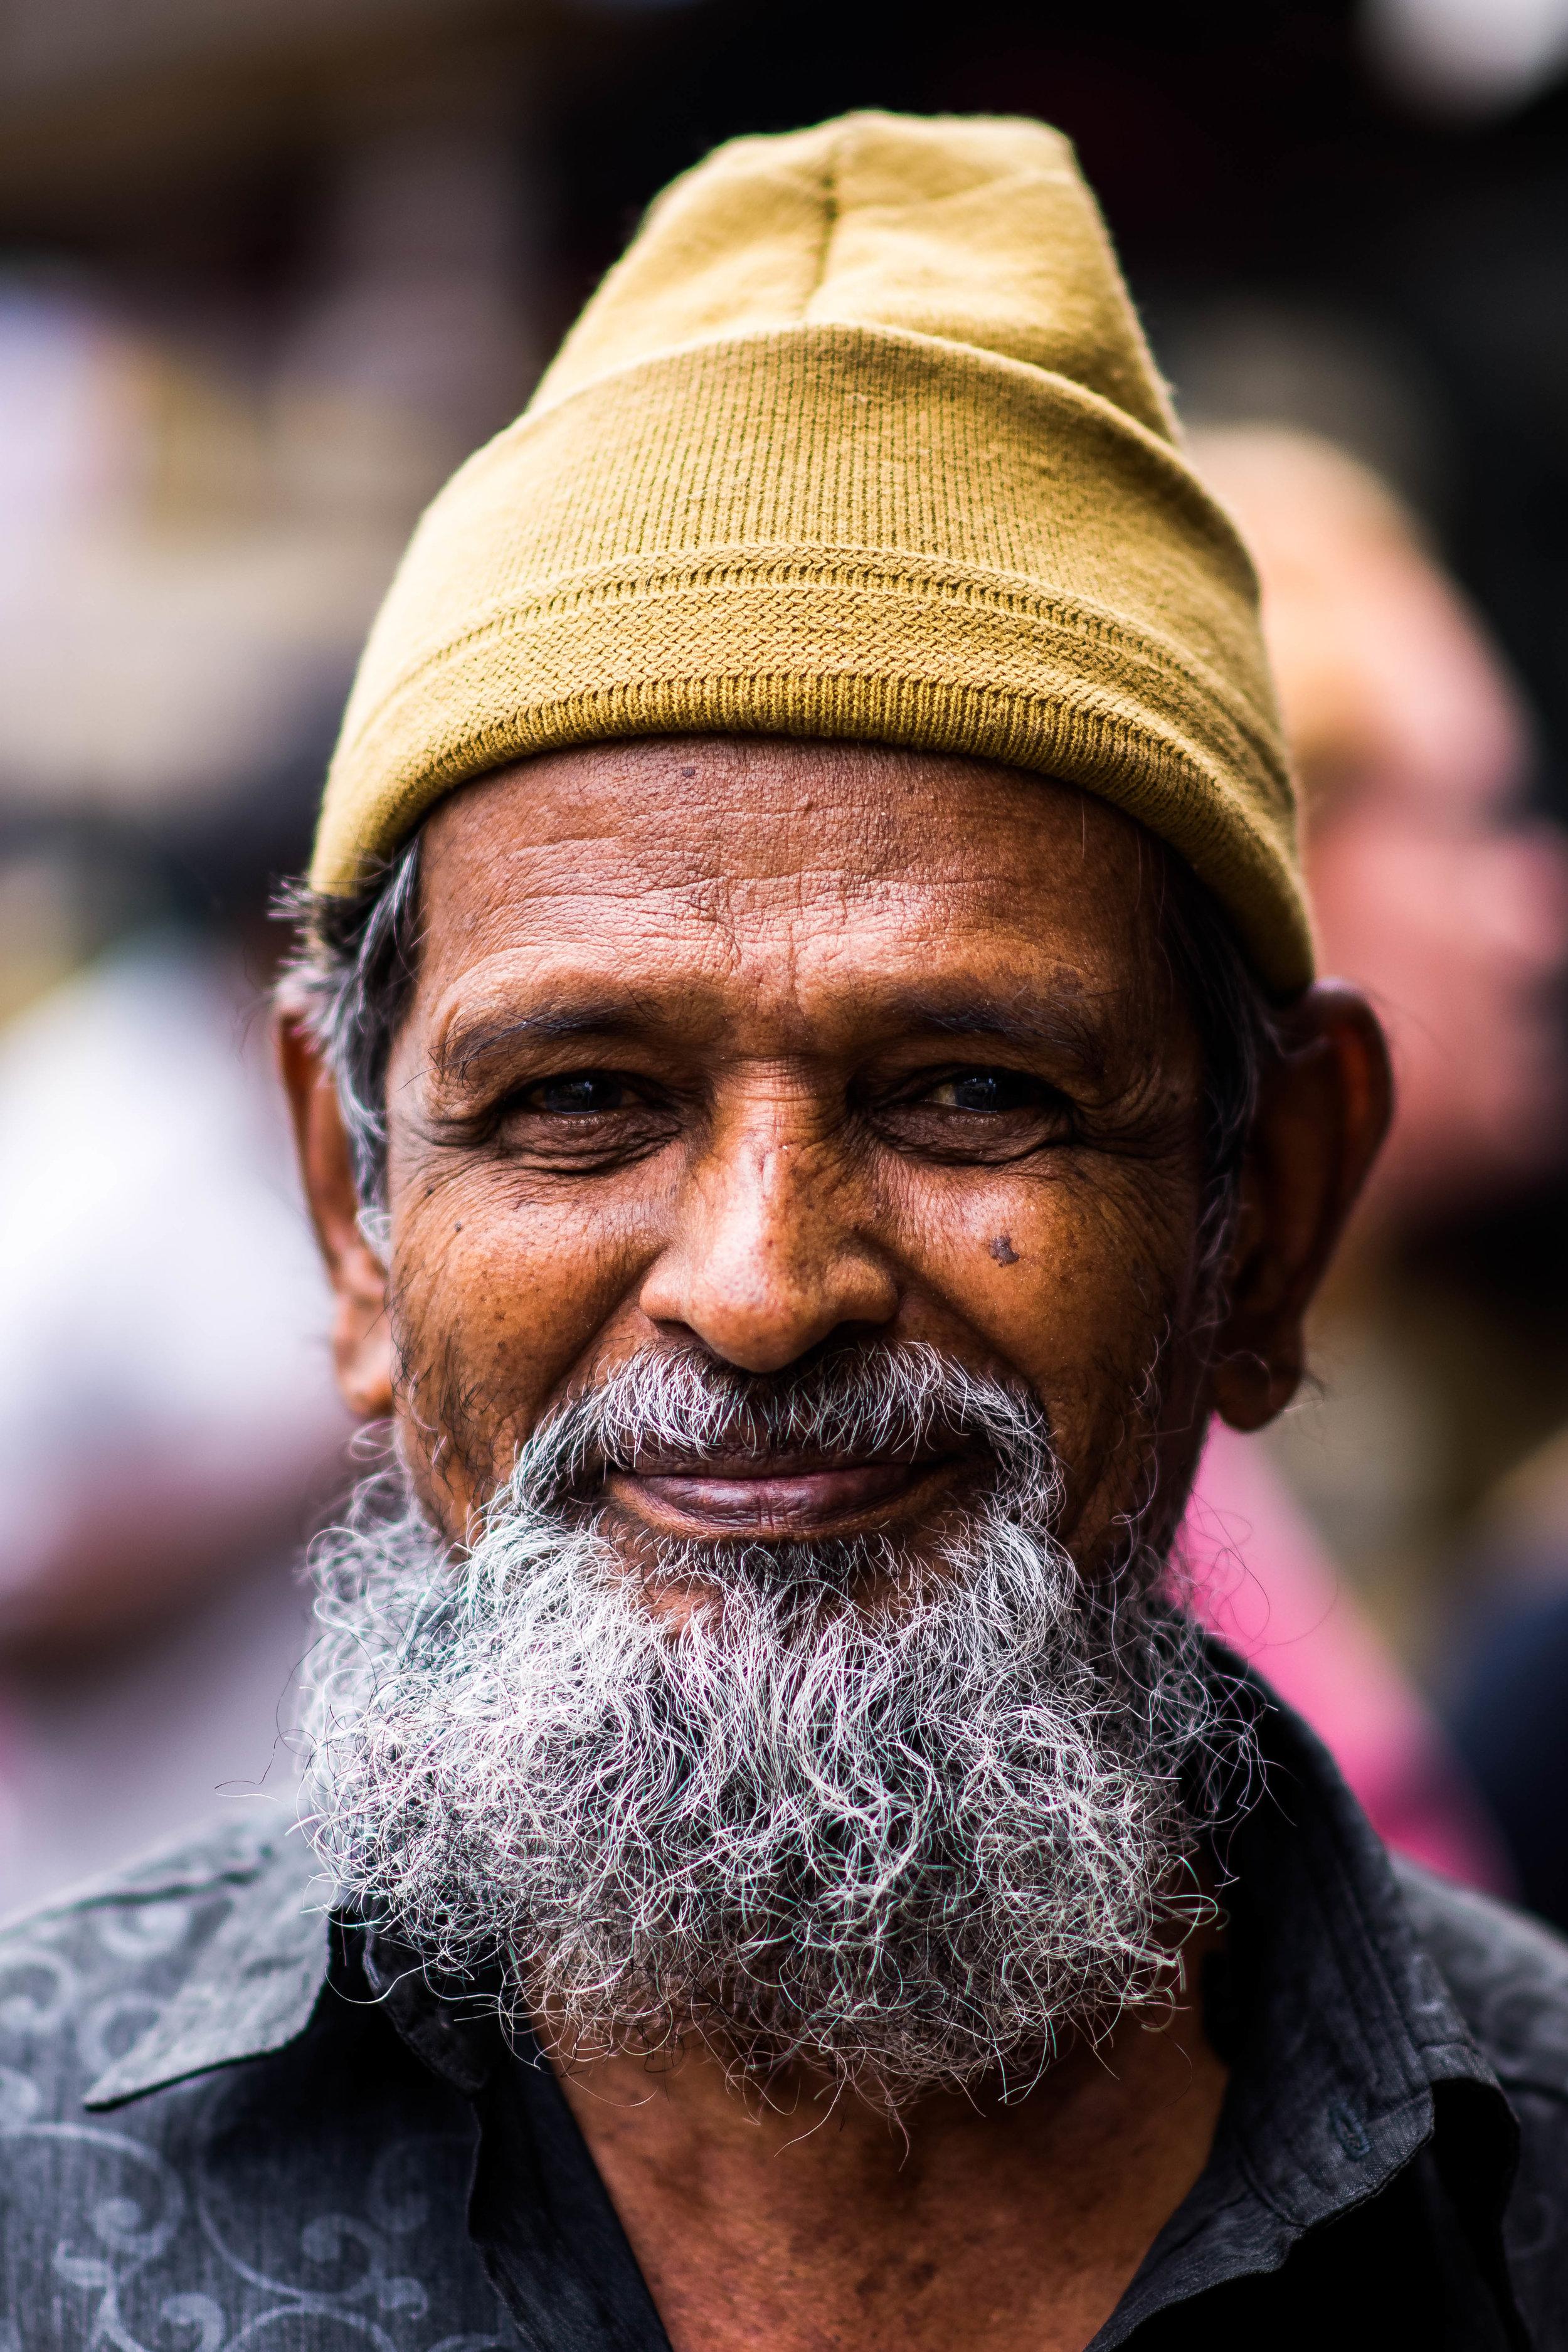 Hatman_India.JPG